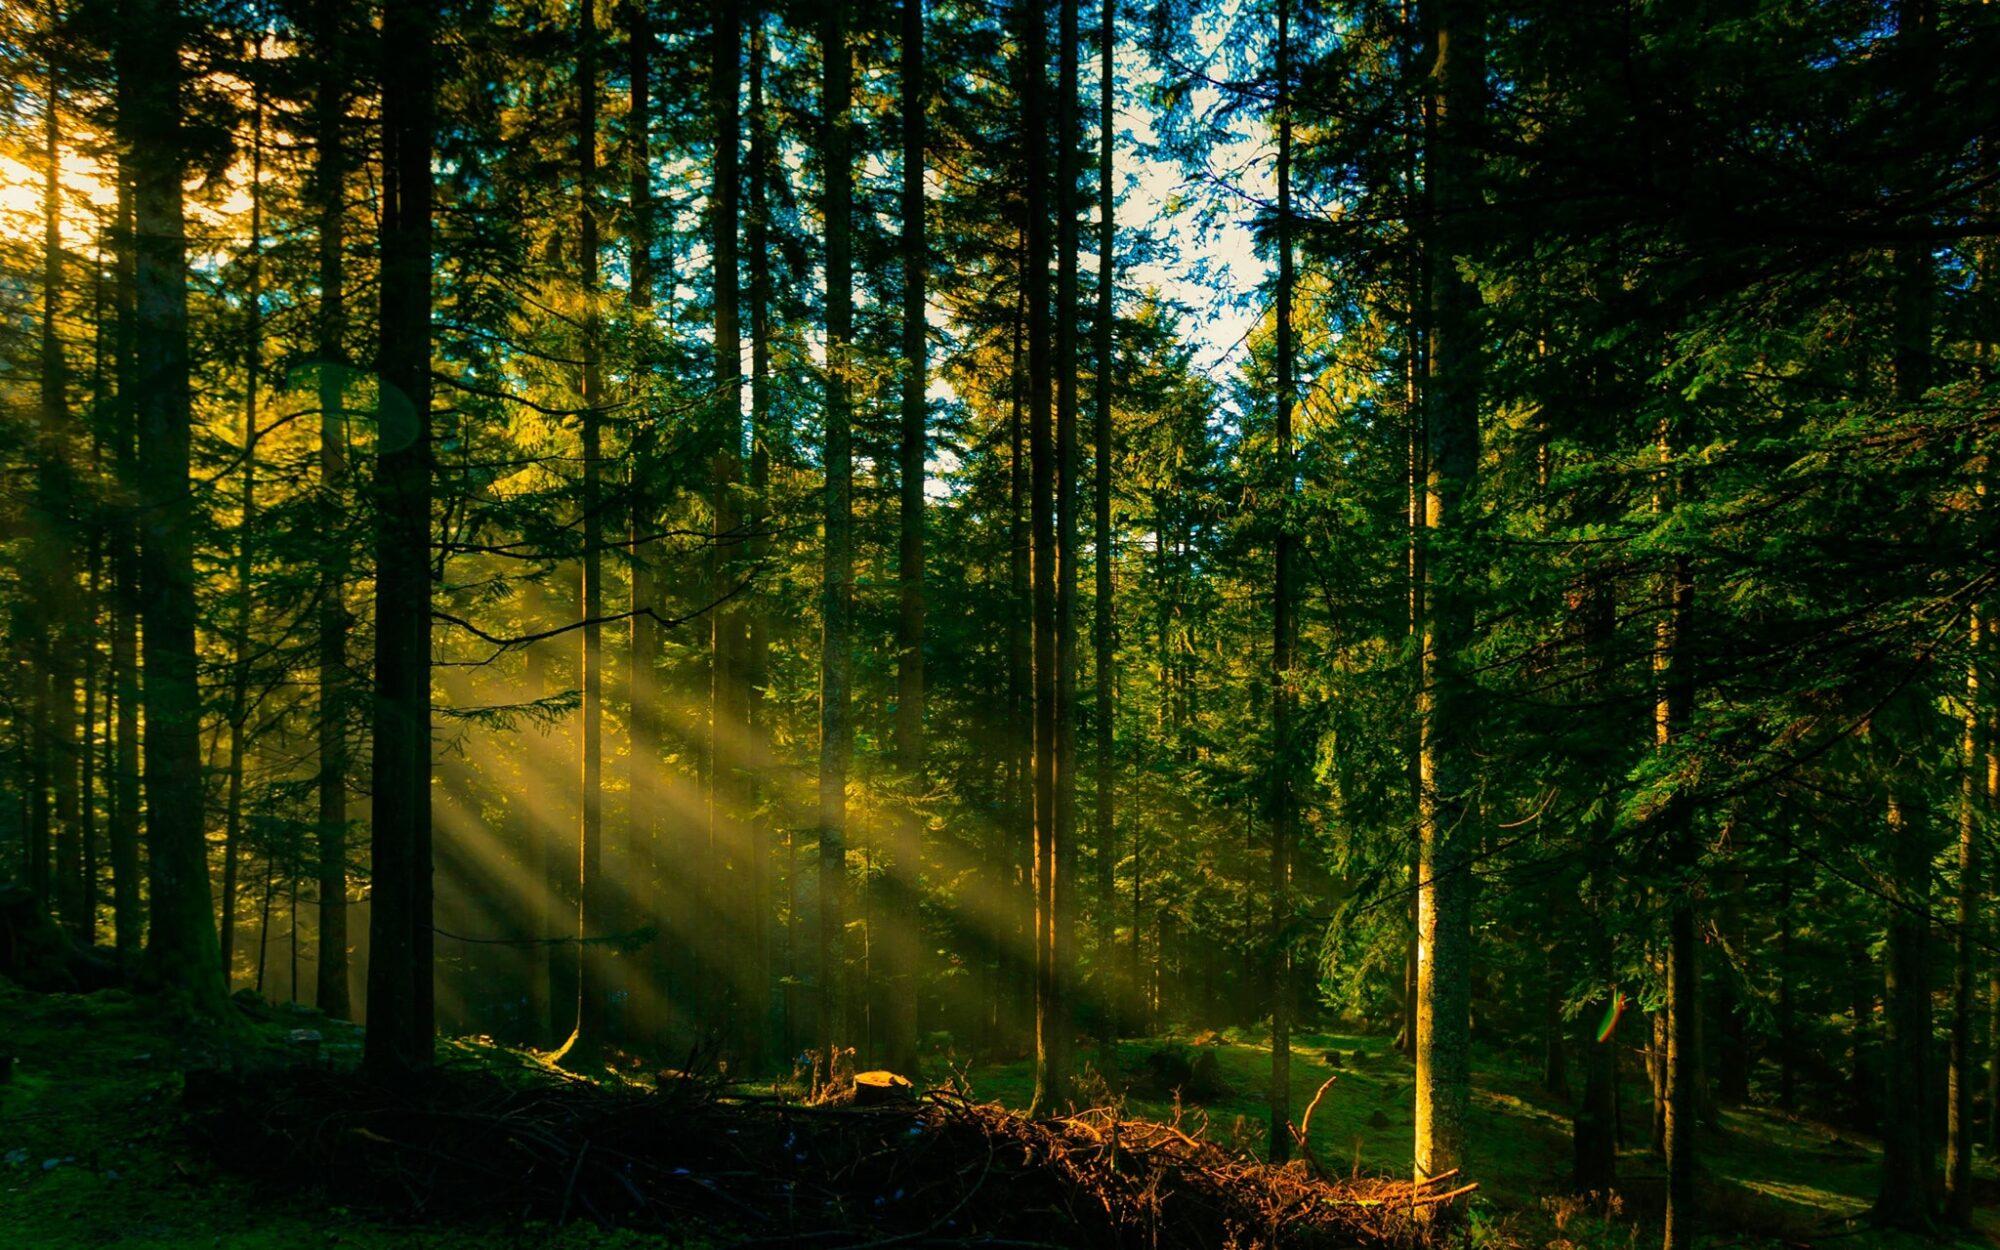 Збільшився природно-заповідний фонд Київщини - КОДА, заповідник, довкілля - Zapovid 2000x1250